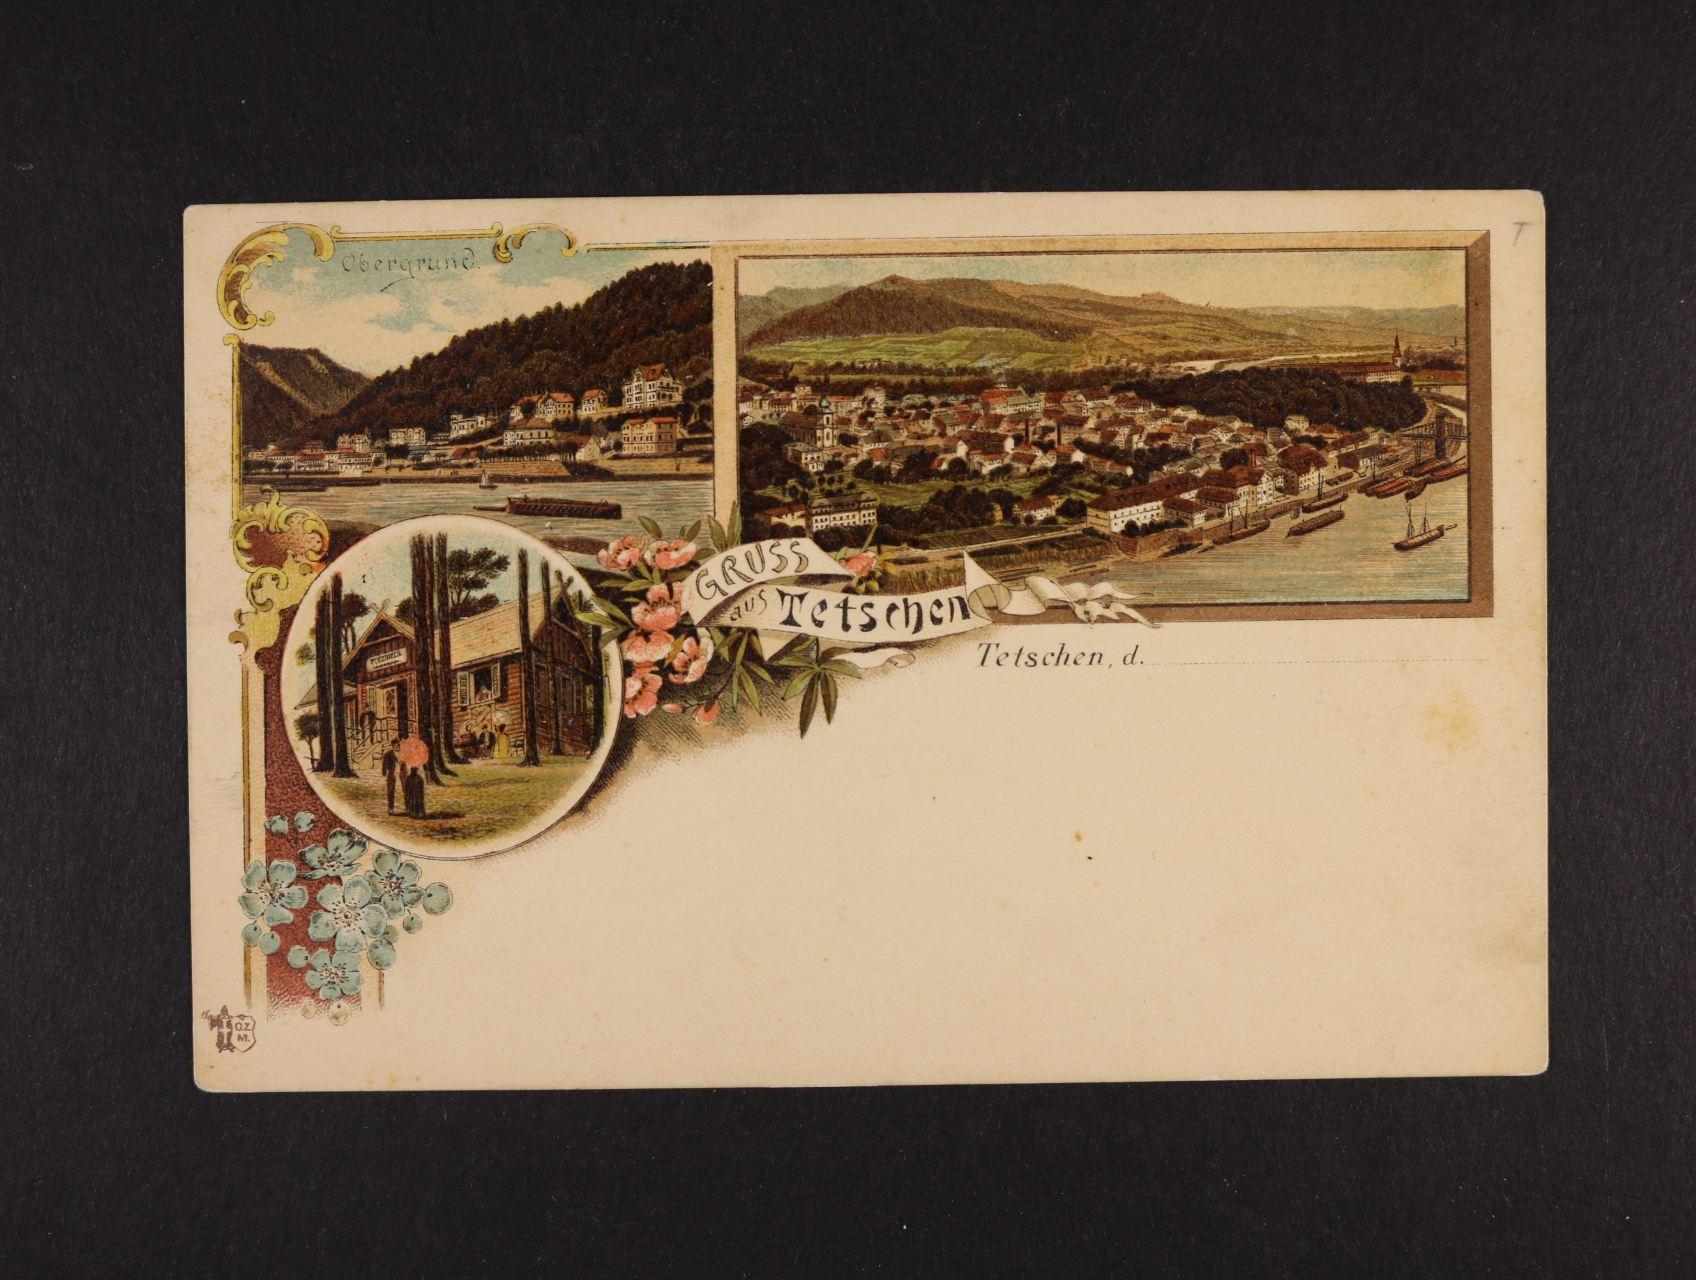 Děčín - Tetschen - bar. litograf. koláž, dl. adresa, nepoužitá